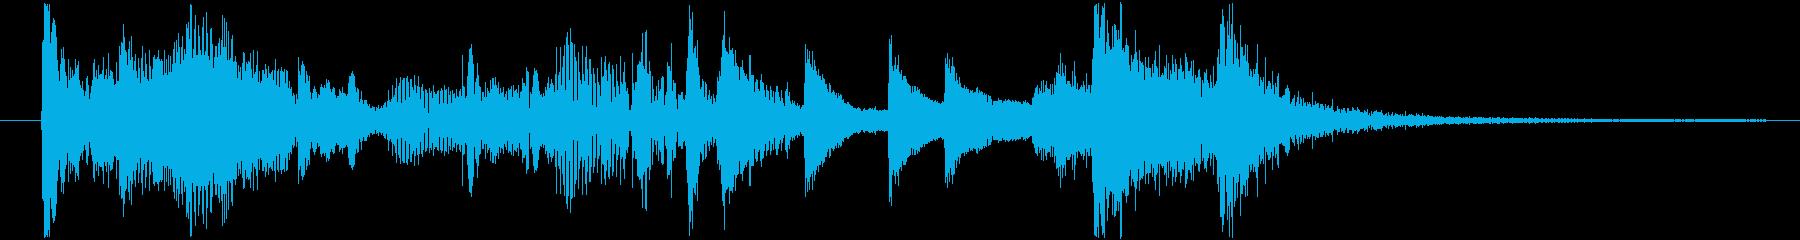 ジャズインスト角のあるスウィングベ...の再生済みの波形